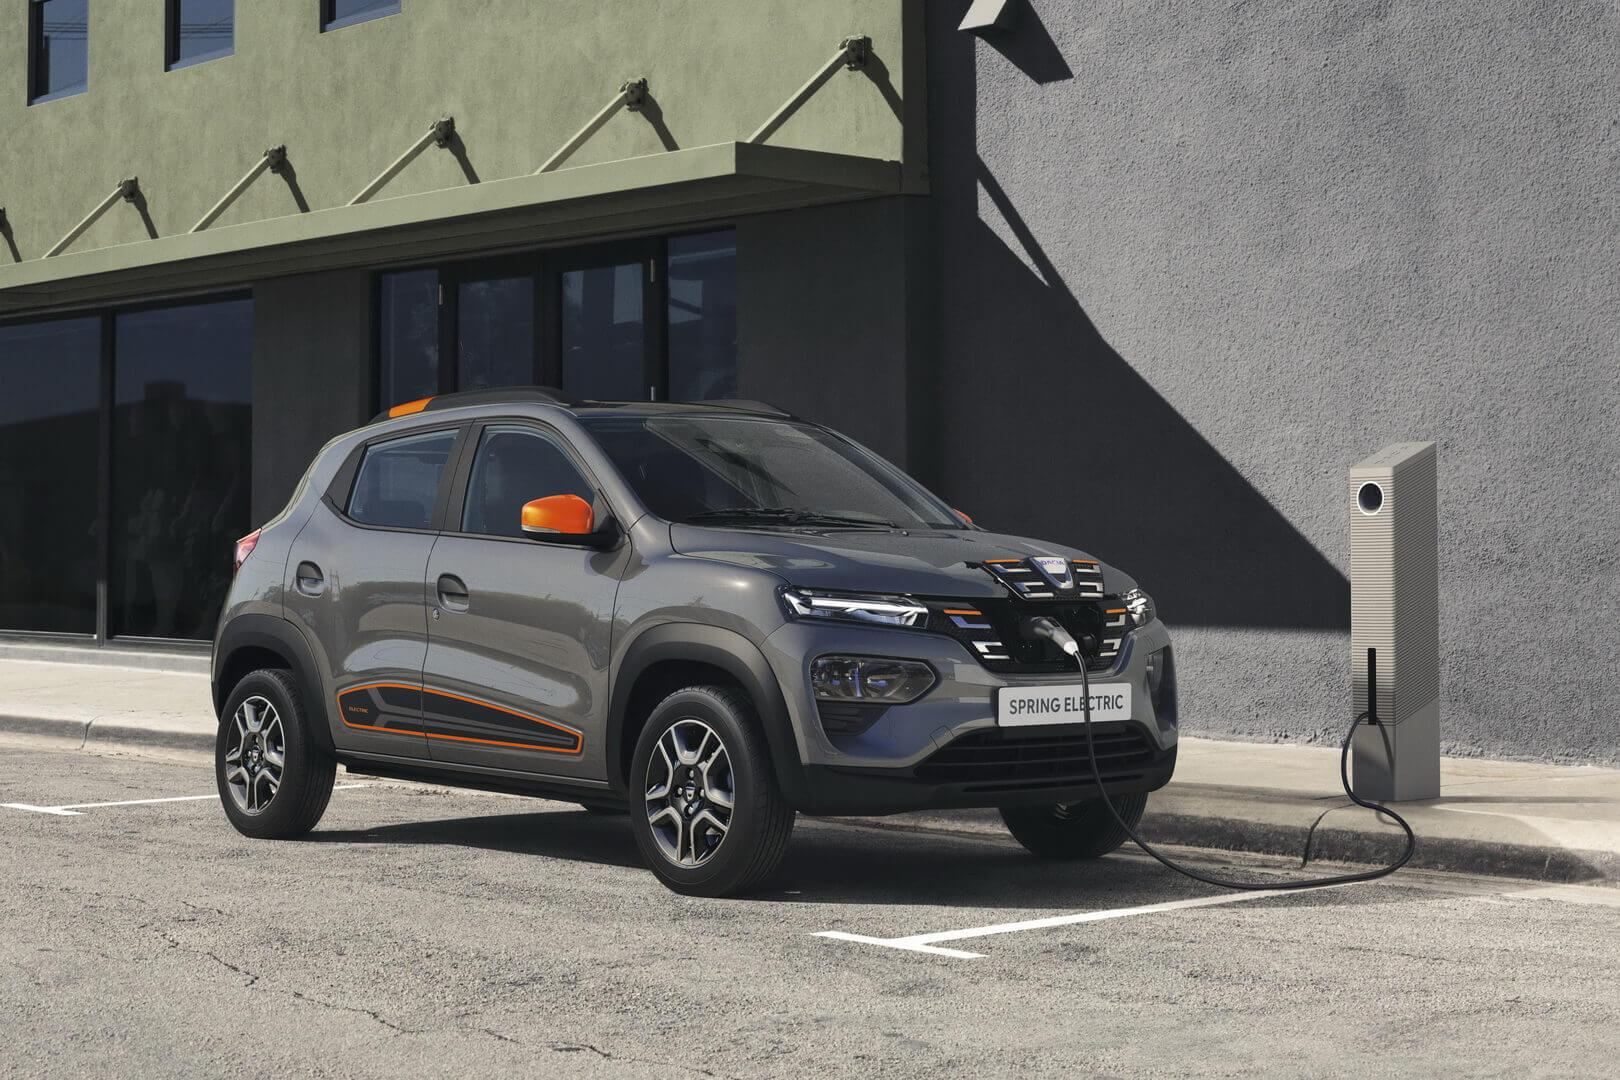 Spring Electric: новая революция Dacia с самым доступным электромобилем в Европе